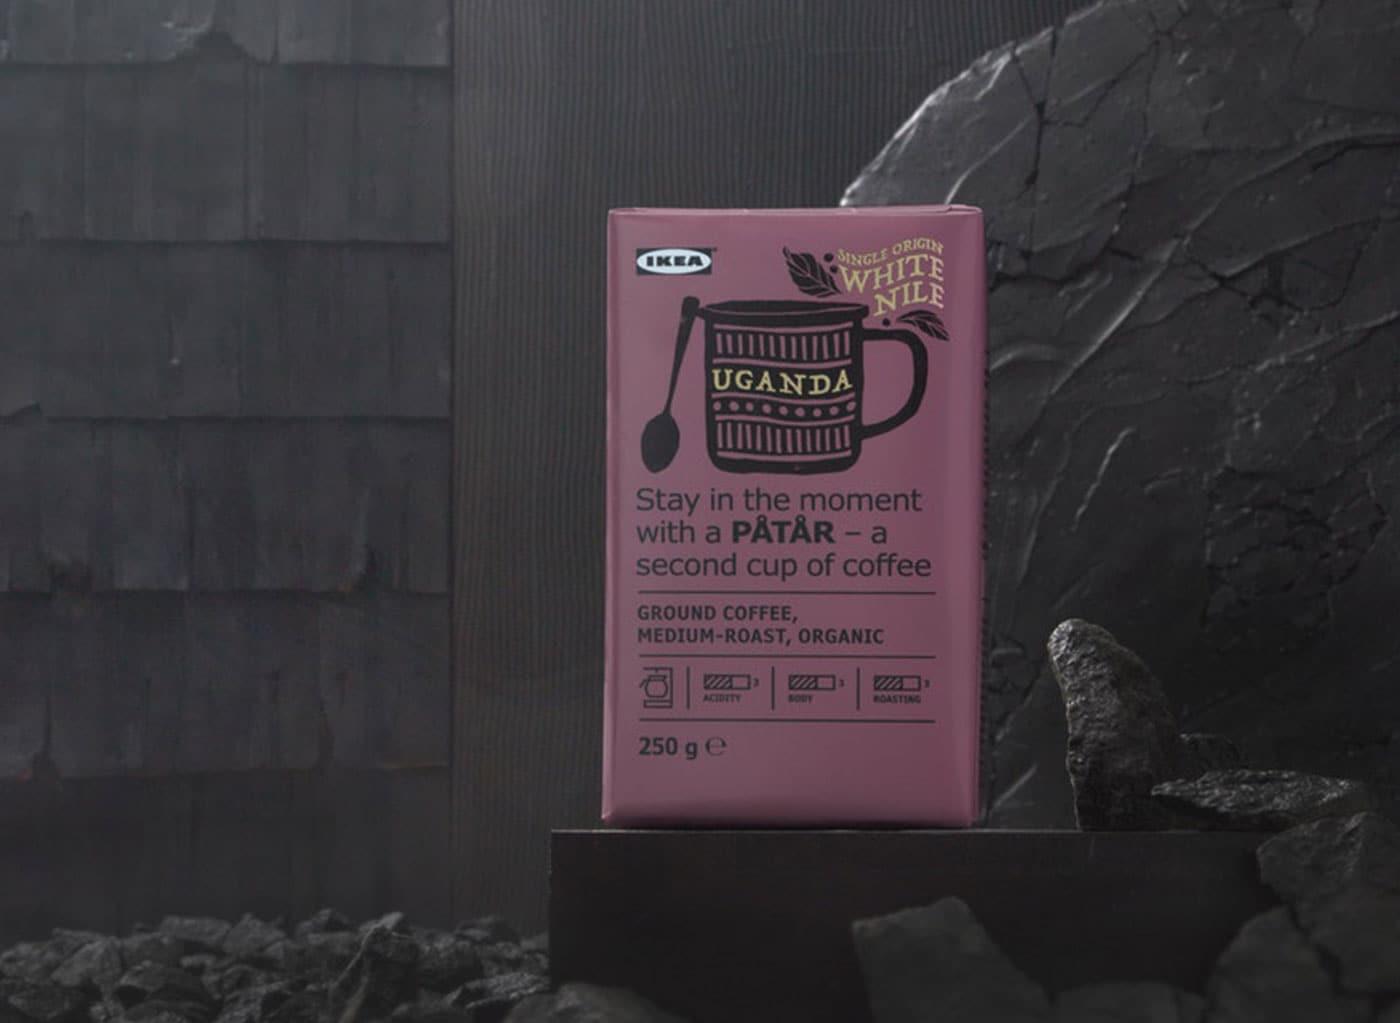 Die PÅTÅR Sonderedition ist ein hochwertiger Kaffee aus 100% Arabicabohnen, der aus einem einzigen Anbaugebiet bezogen wird, der Region Weißer Nil in Uganda. Es ist ein hochwertiger, frisch-fruchtiger Kaffee in mittlerer Röstung mit leichtem Hauch von Vanille und Karamell.